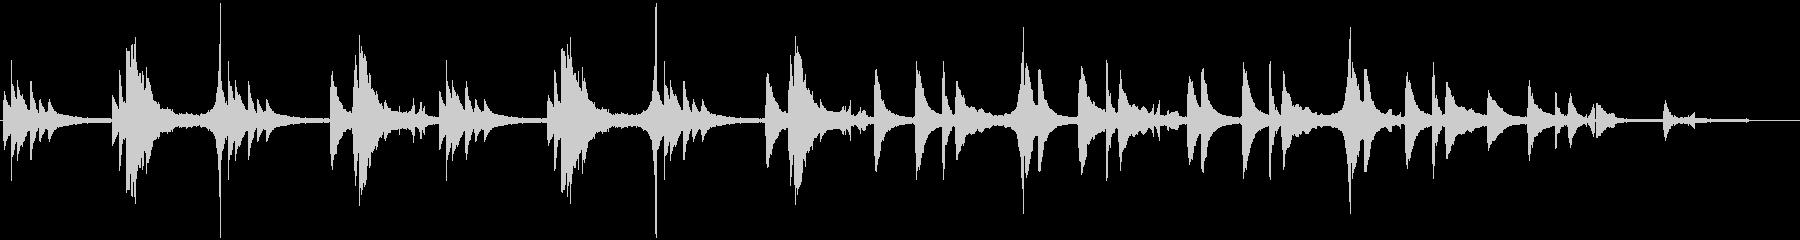 空白が多めのしっとりピアノソロ曲の未再生の波形